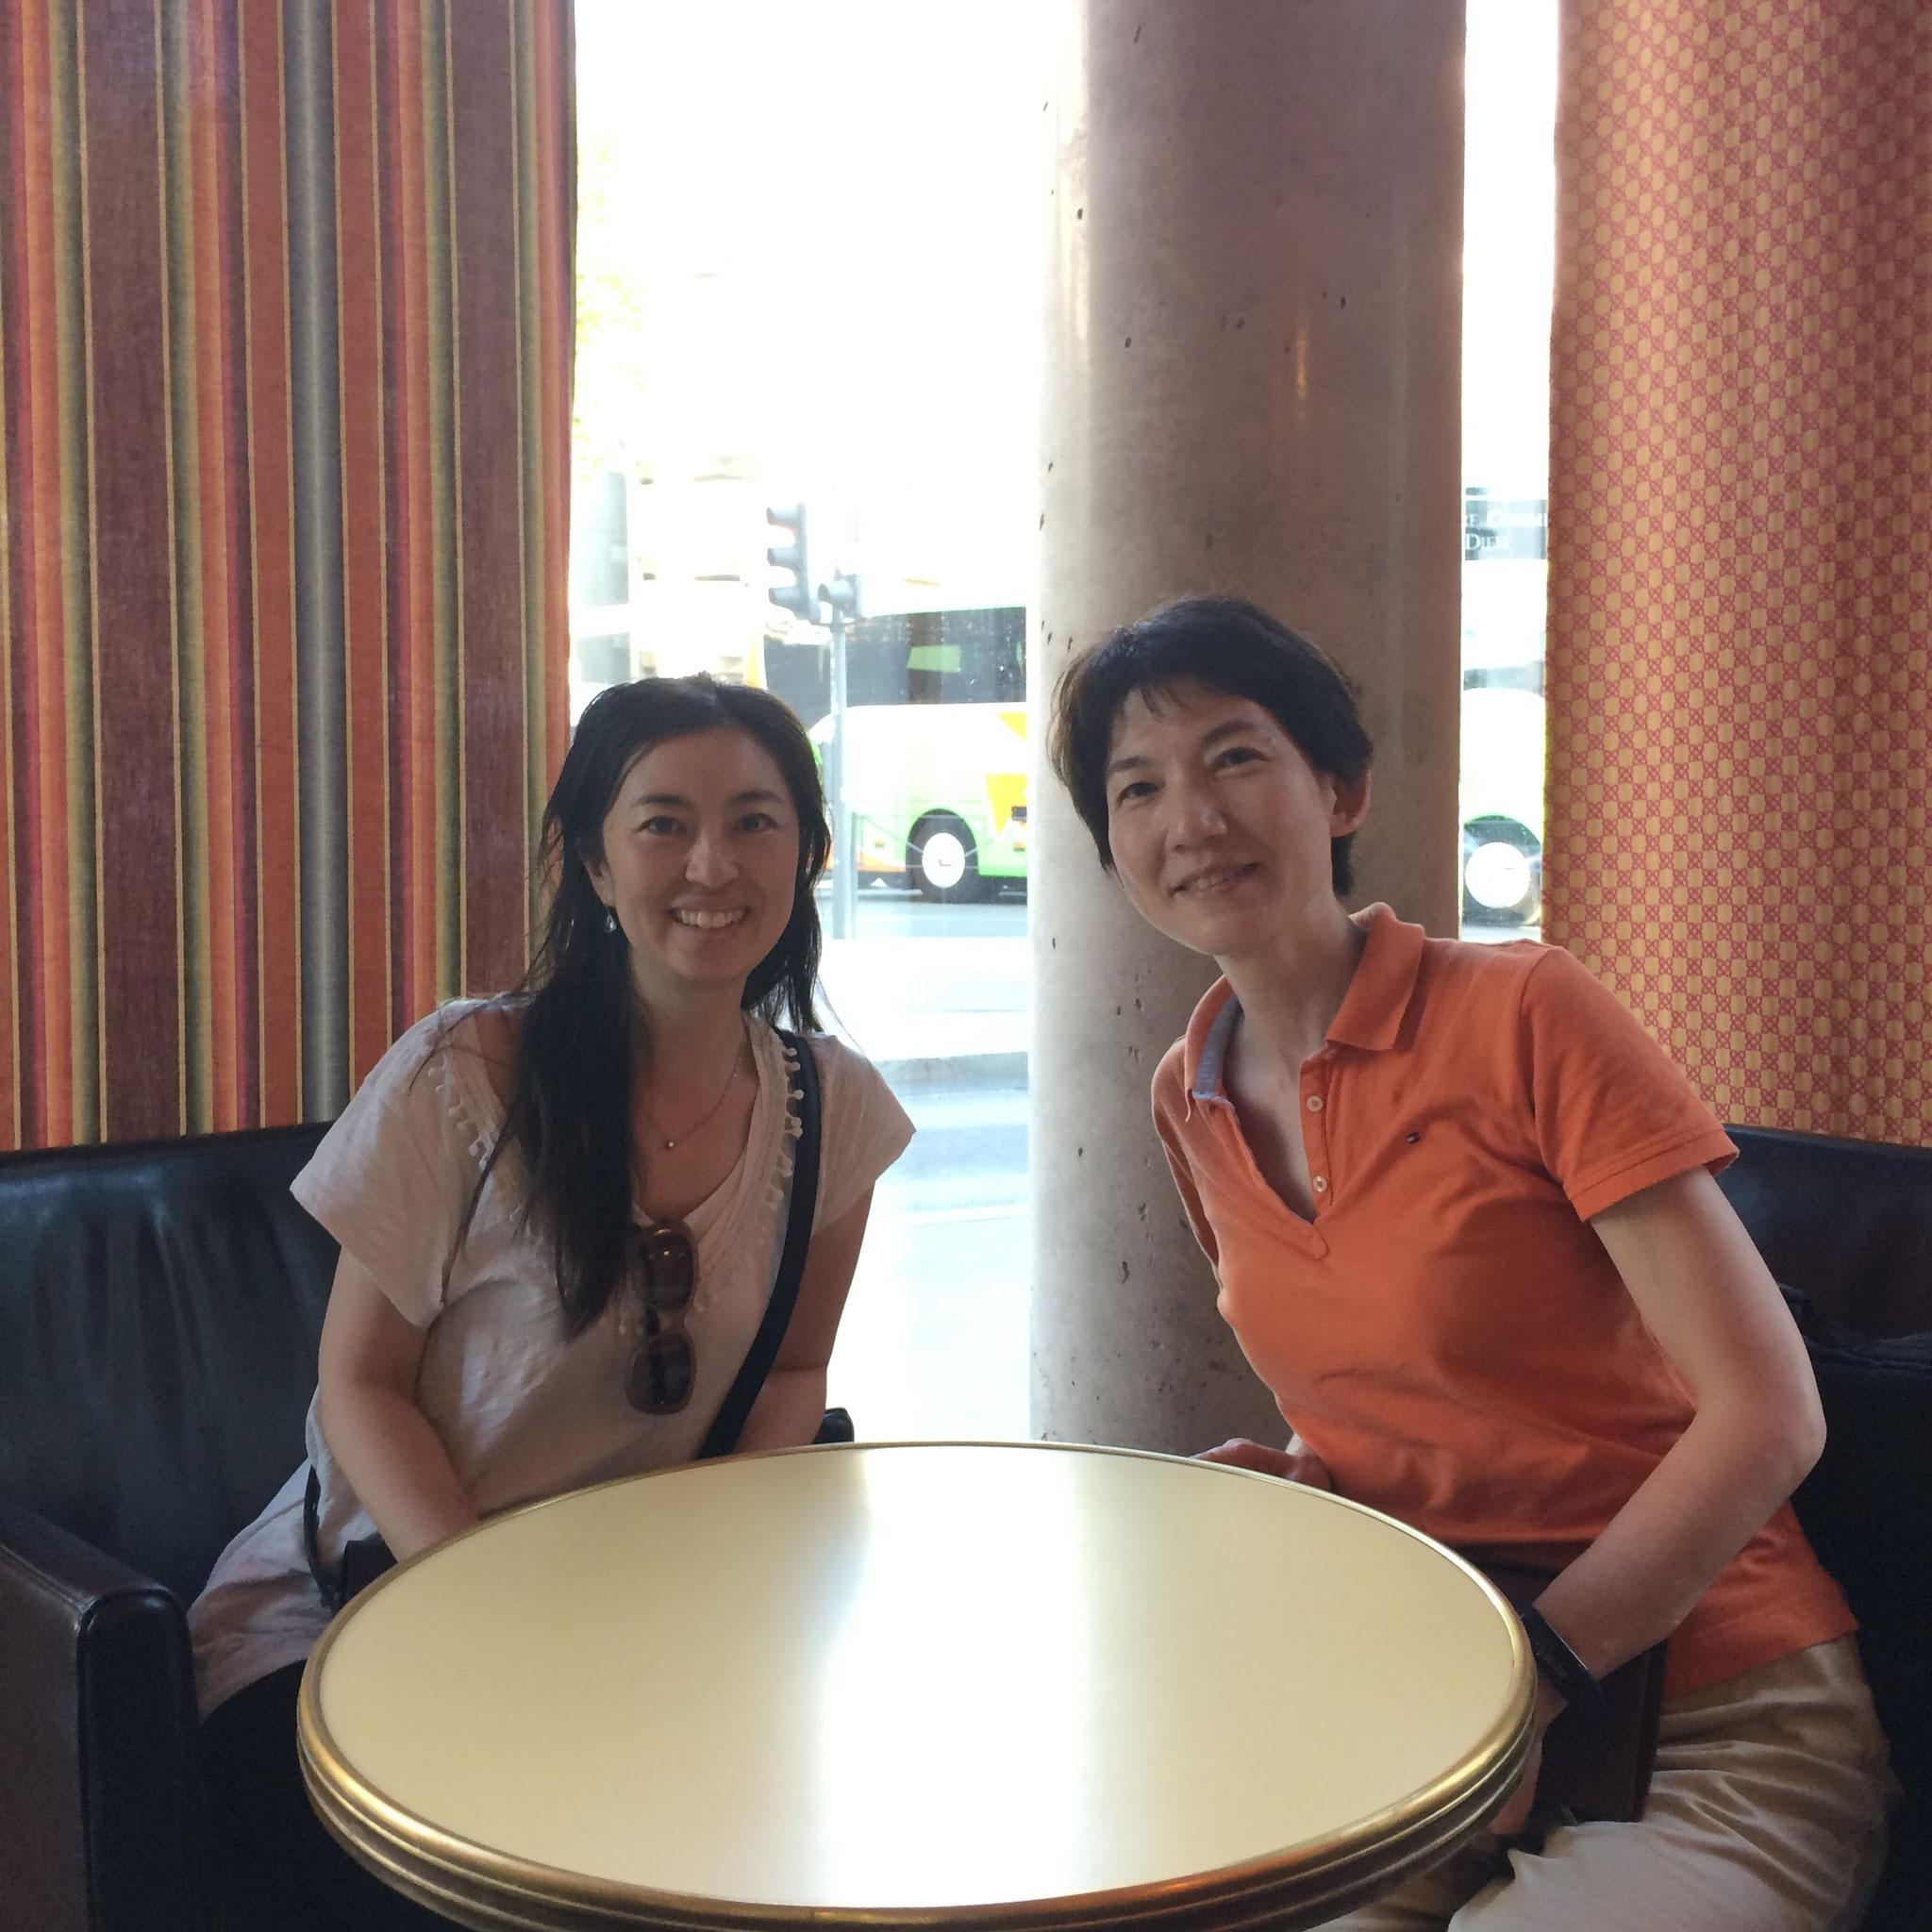 2017年6月フランスリヨンのホテルロビーにて栗栖智美先生と